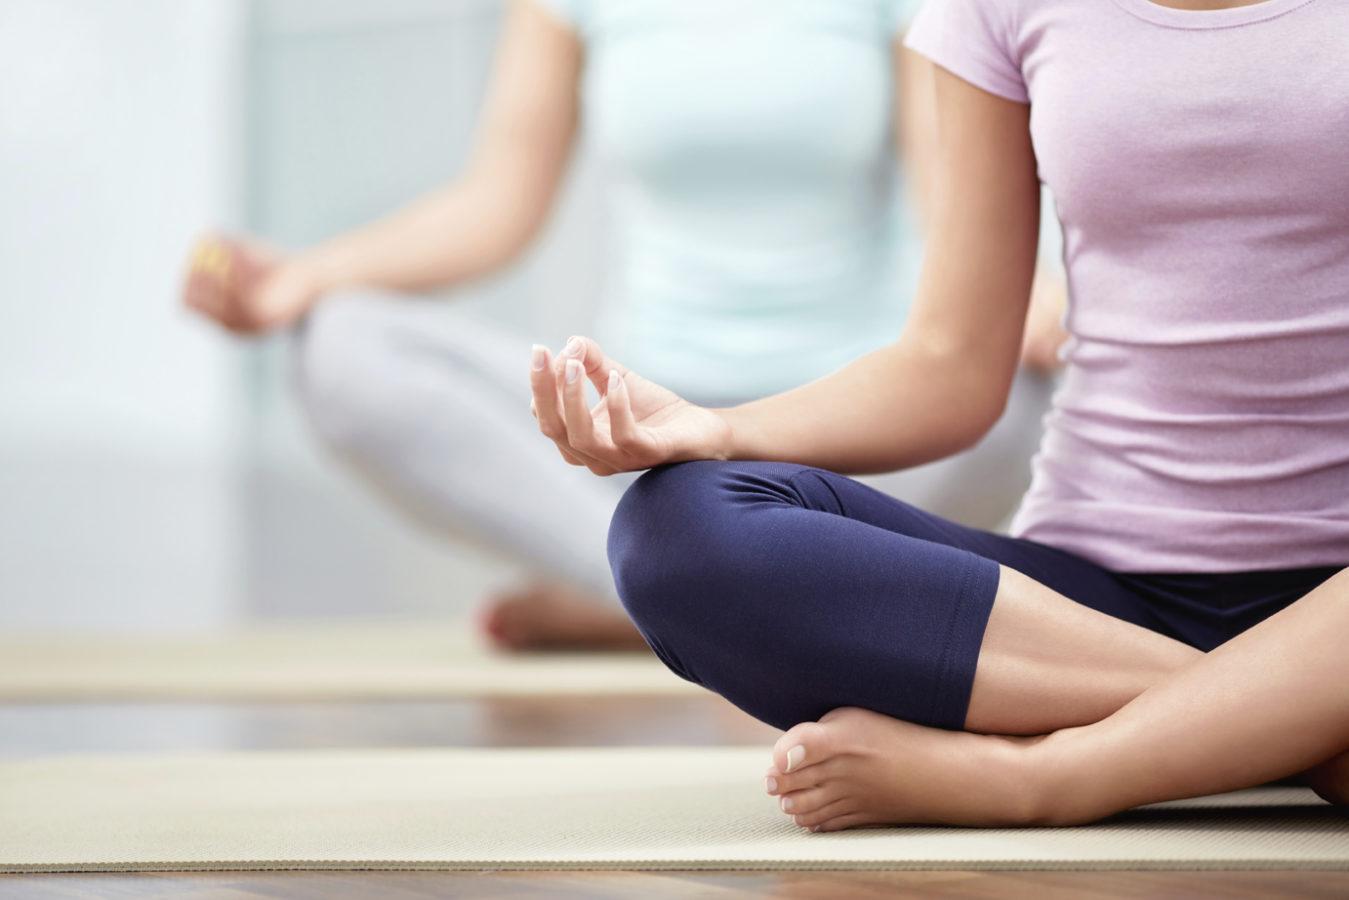 Йога как средство от хронической боли в пояснице также улучшает сон